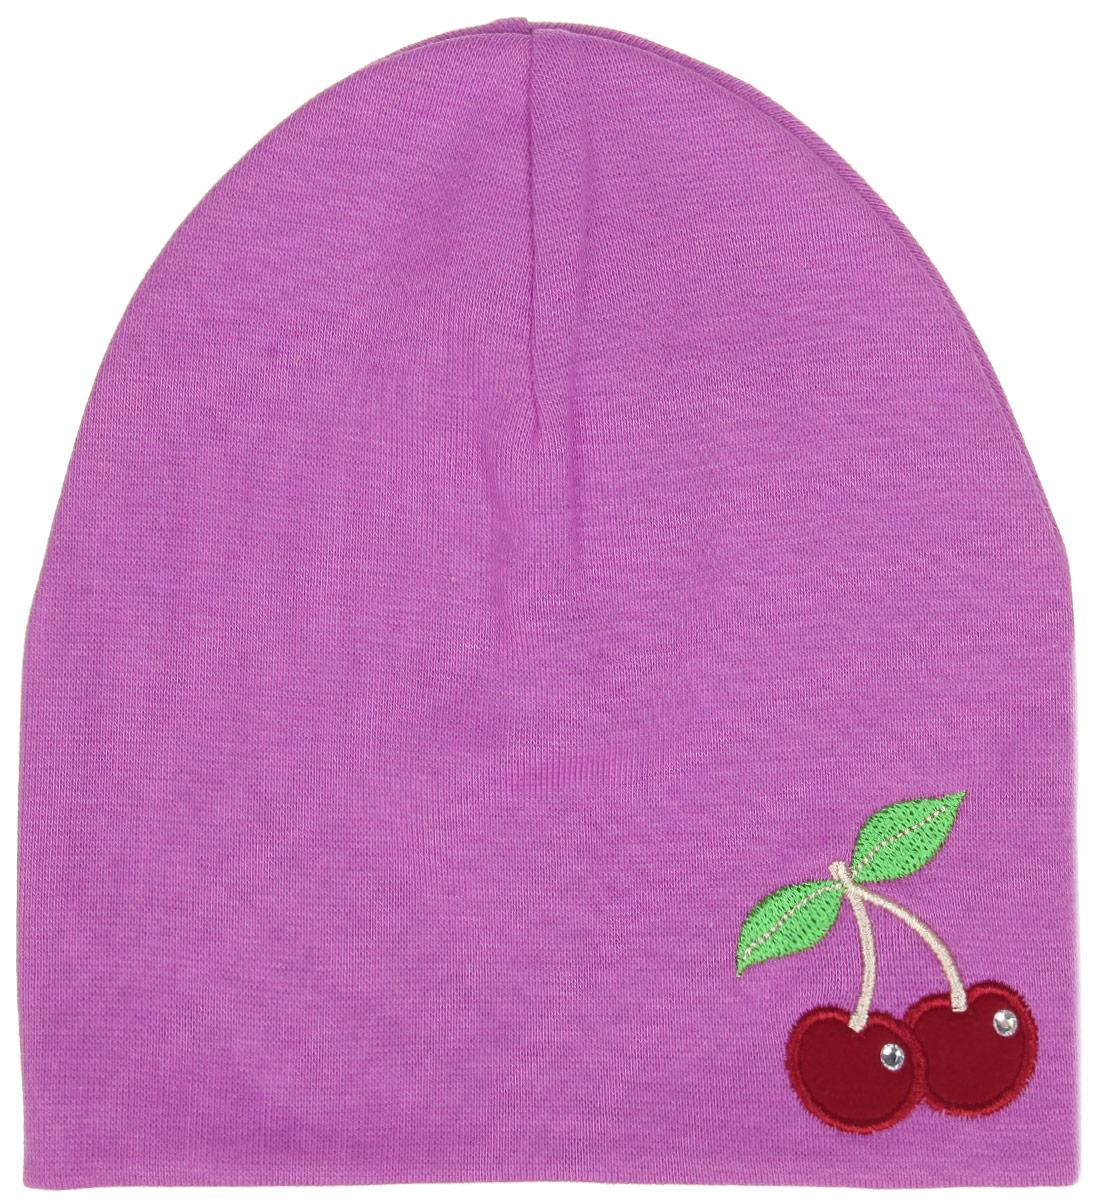 Шапка для девочки. DC3781-22DC3781-22_1Шапка для девочки ПриКиндер станет стильным дополнением к детскому гардеробу. Она выполнена из хлопка с добавлением лайкры, приятная на ощупь, идеально прилегает к голове. Изделие декорировано стразами и вышивкой в виде вишни. Современный дизайн и расцветка делают эту шапку модным детским аксессуаром. В такой шапке ваша принцесса будет чувствовать себя уютно, комфортно и всегда будет в центре внимания!